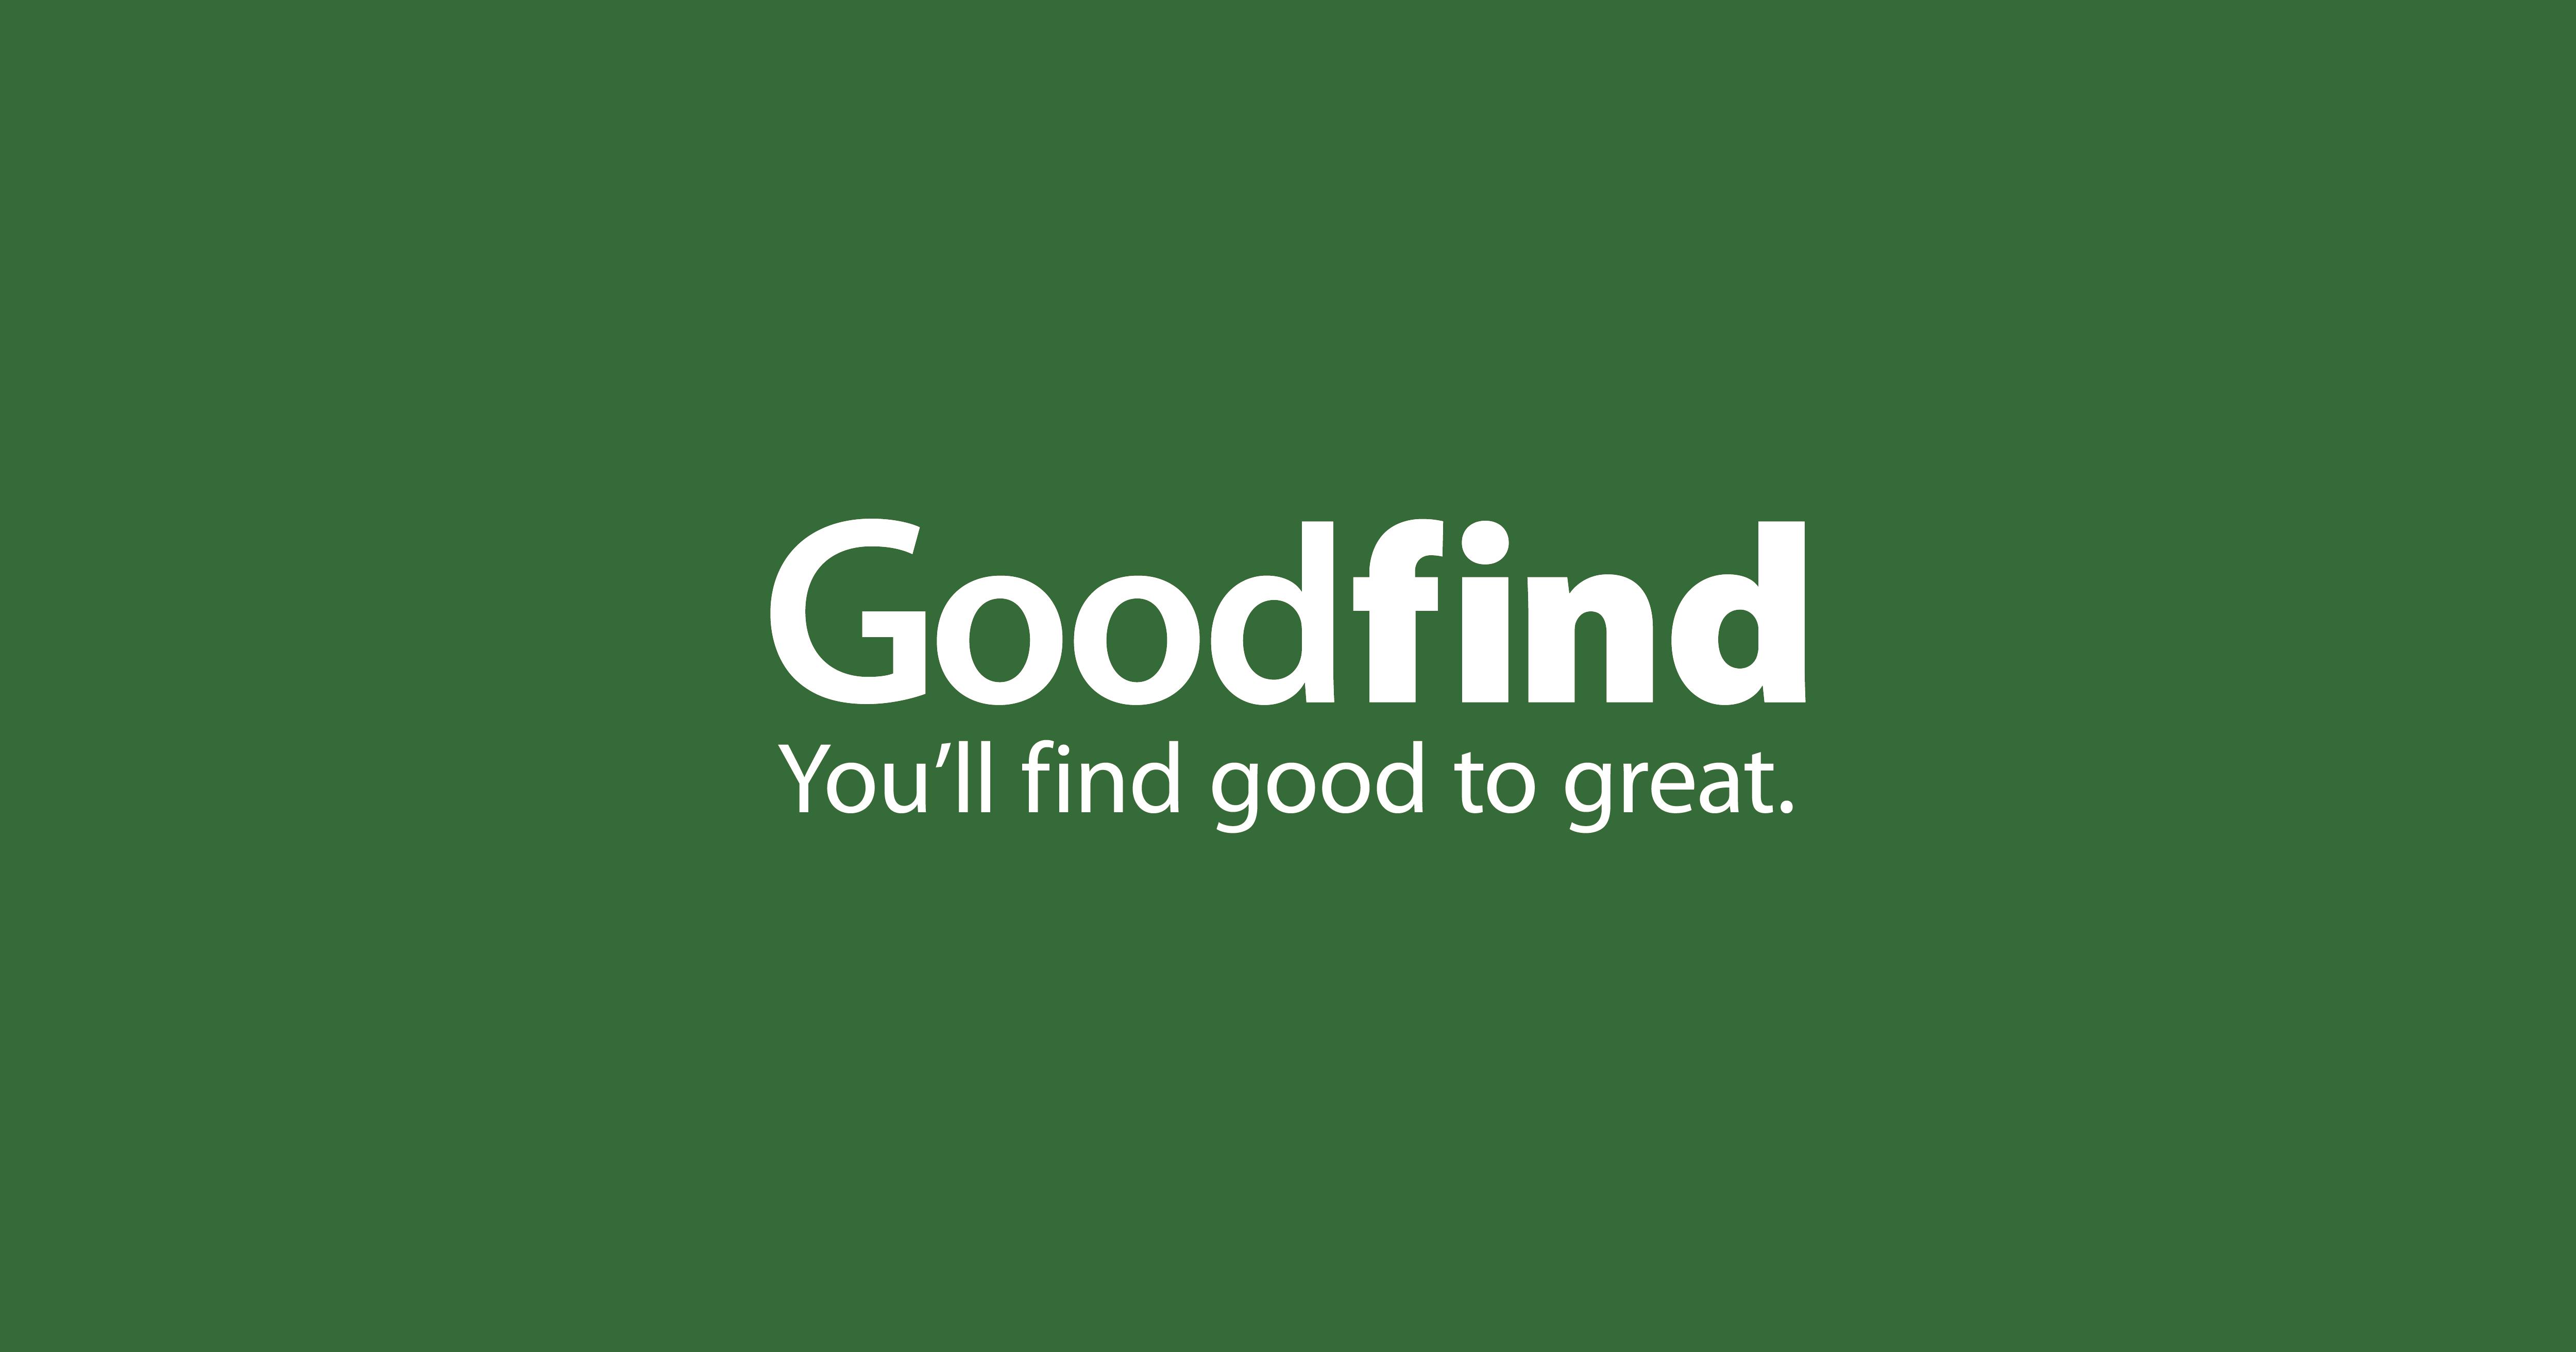 Goodfindogpimage